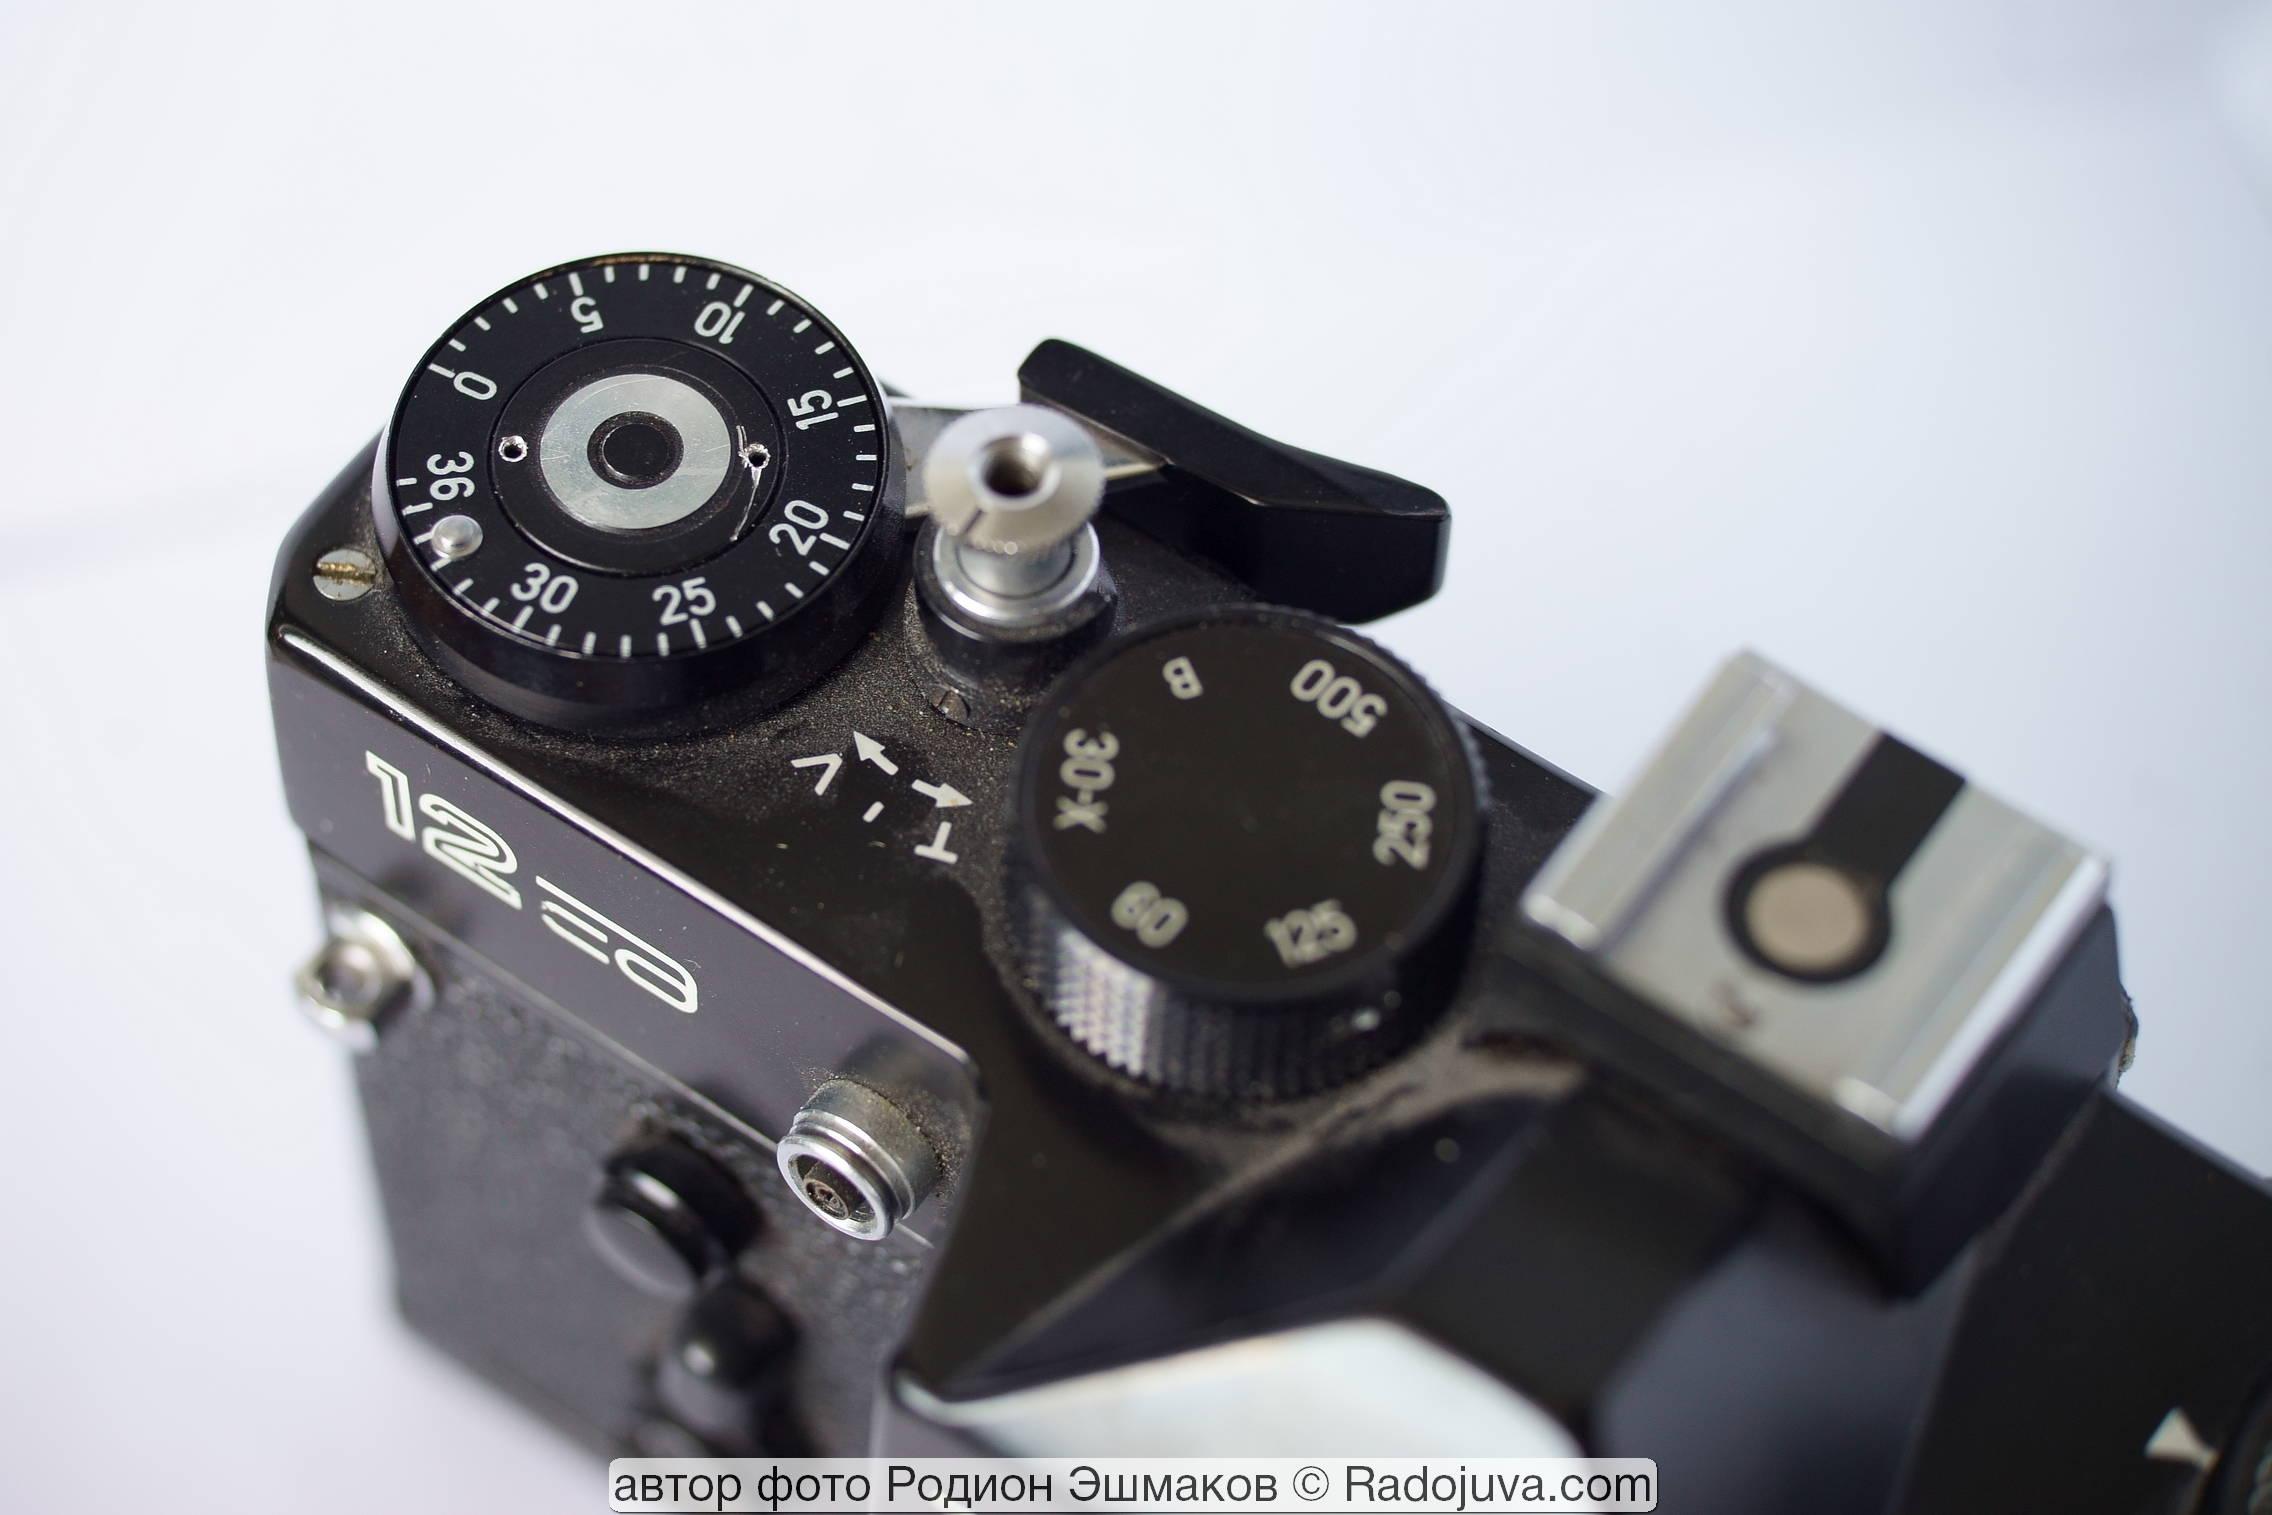 Правая часть верхней панели камеры Зенит-12СД.